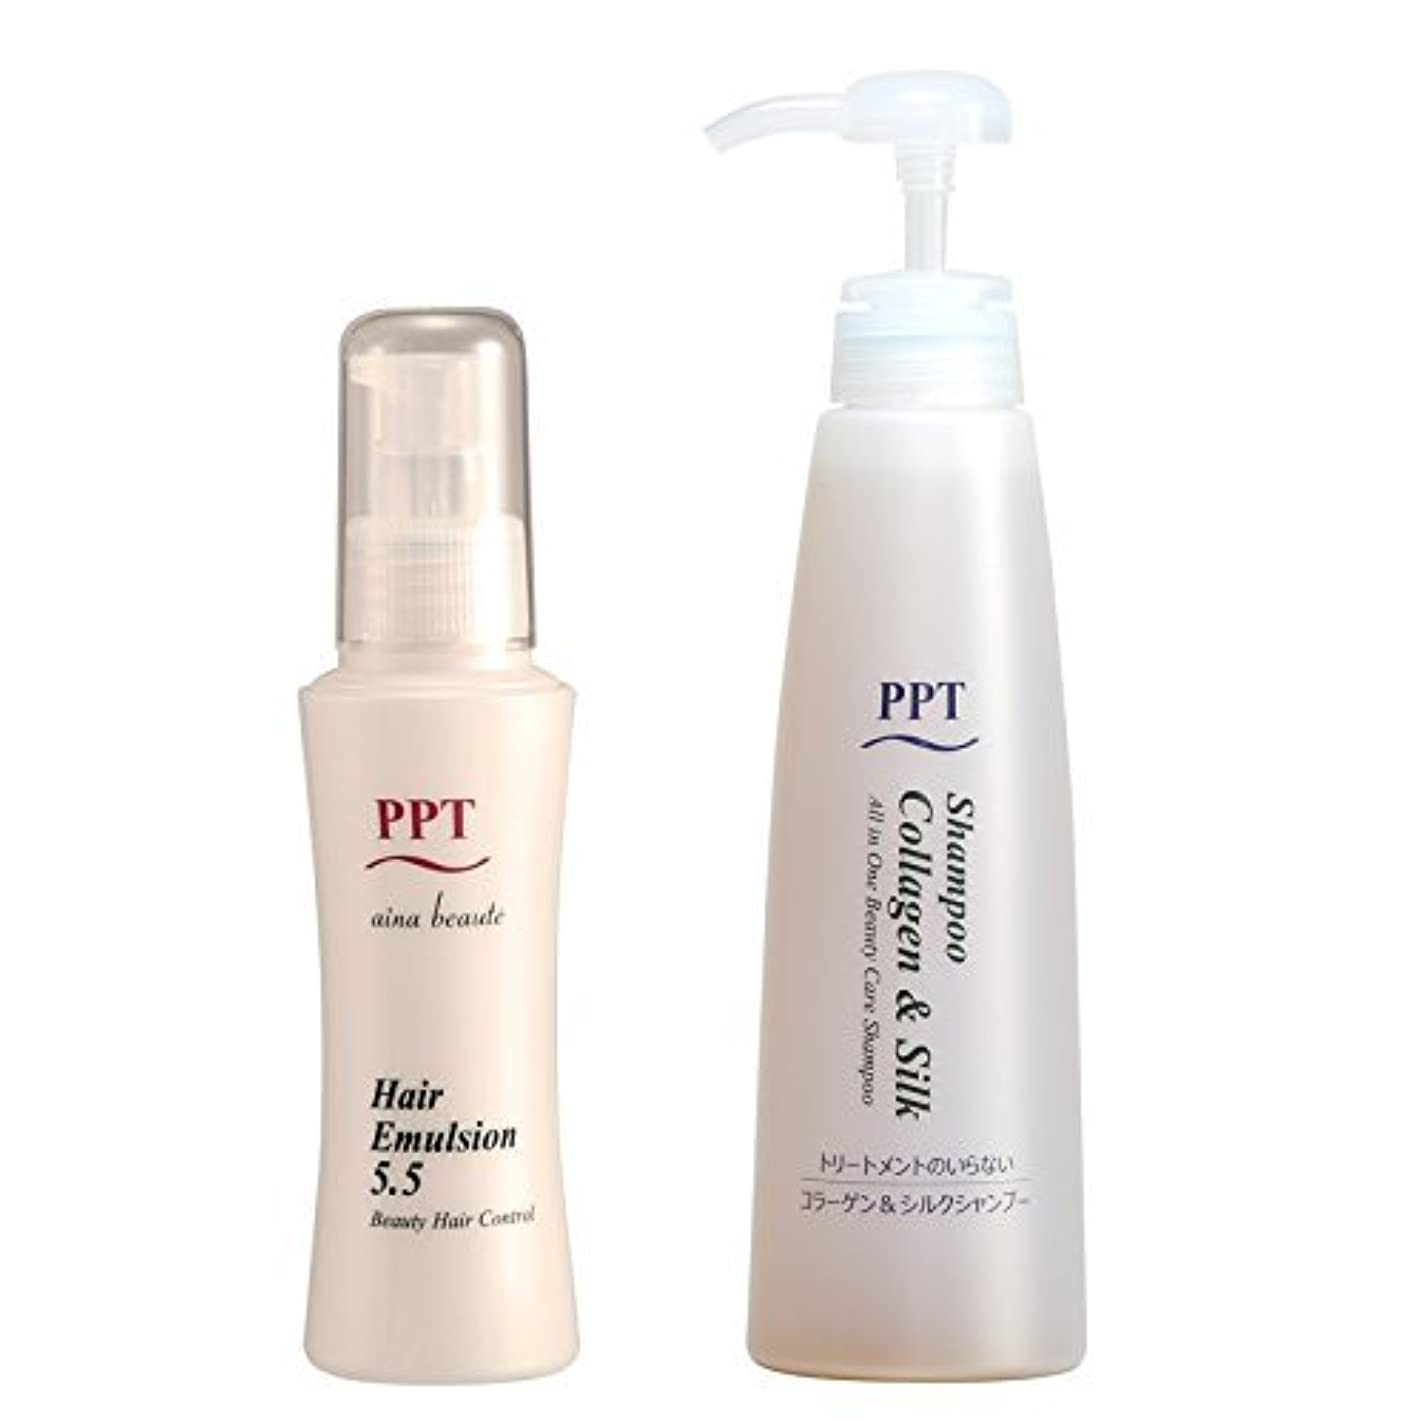 バイナリ消防士シールトリートメント不要 PPTコラーゲン&シルクシャンプー脂性肌~普通肌用(ふんわり)、PPTヘアエマルジョン5.5セット